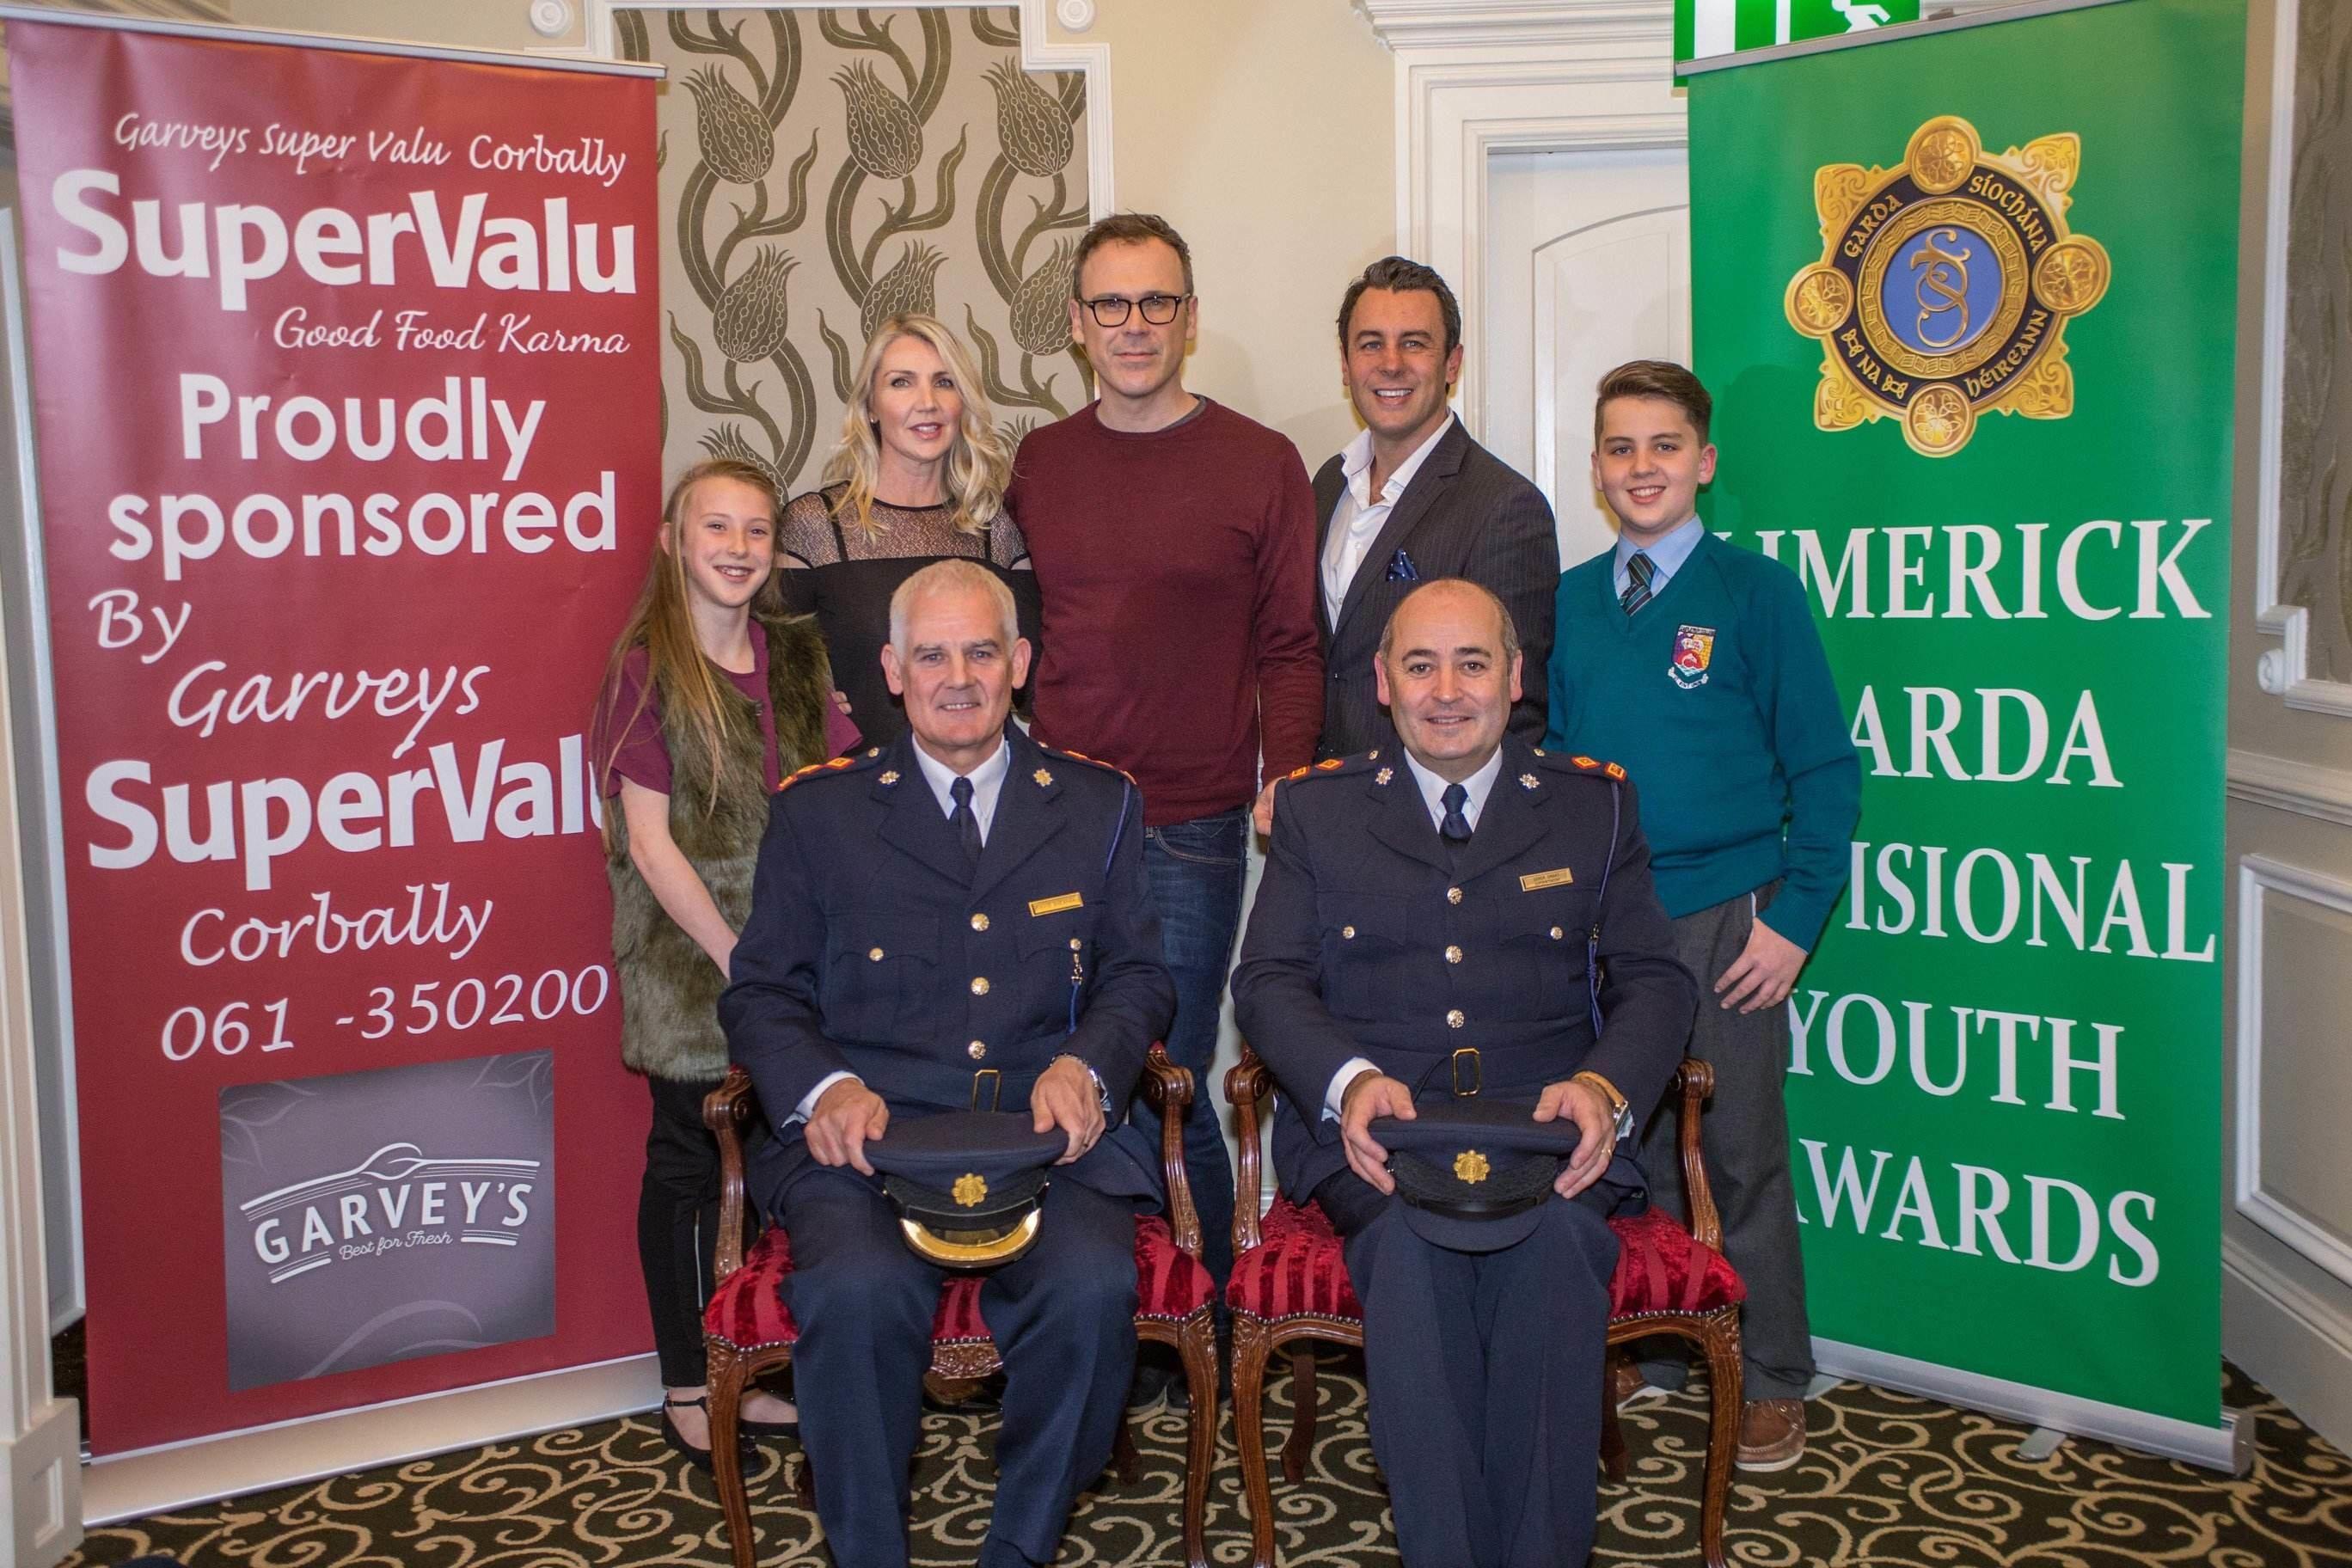 Garda Divisional Youth Awards 2016